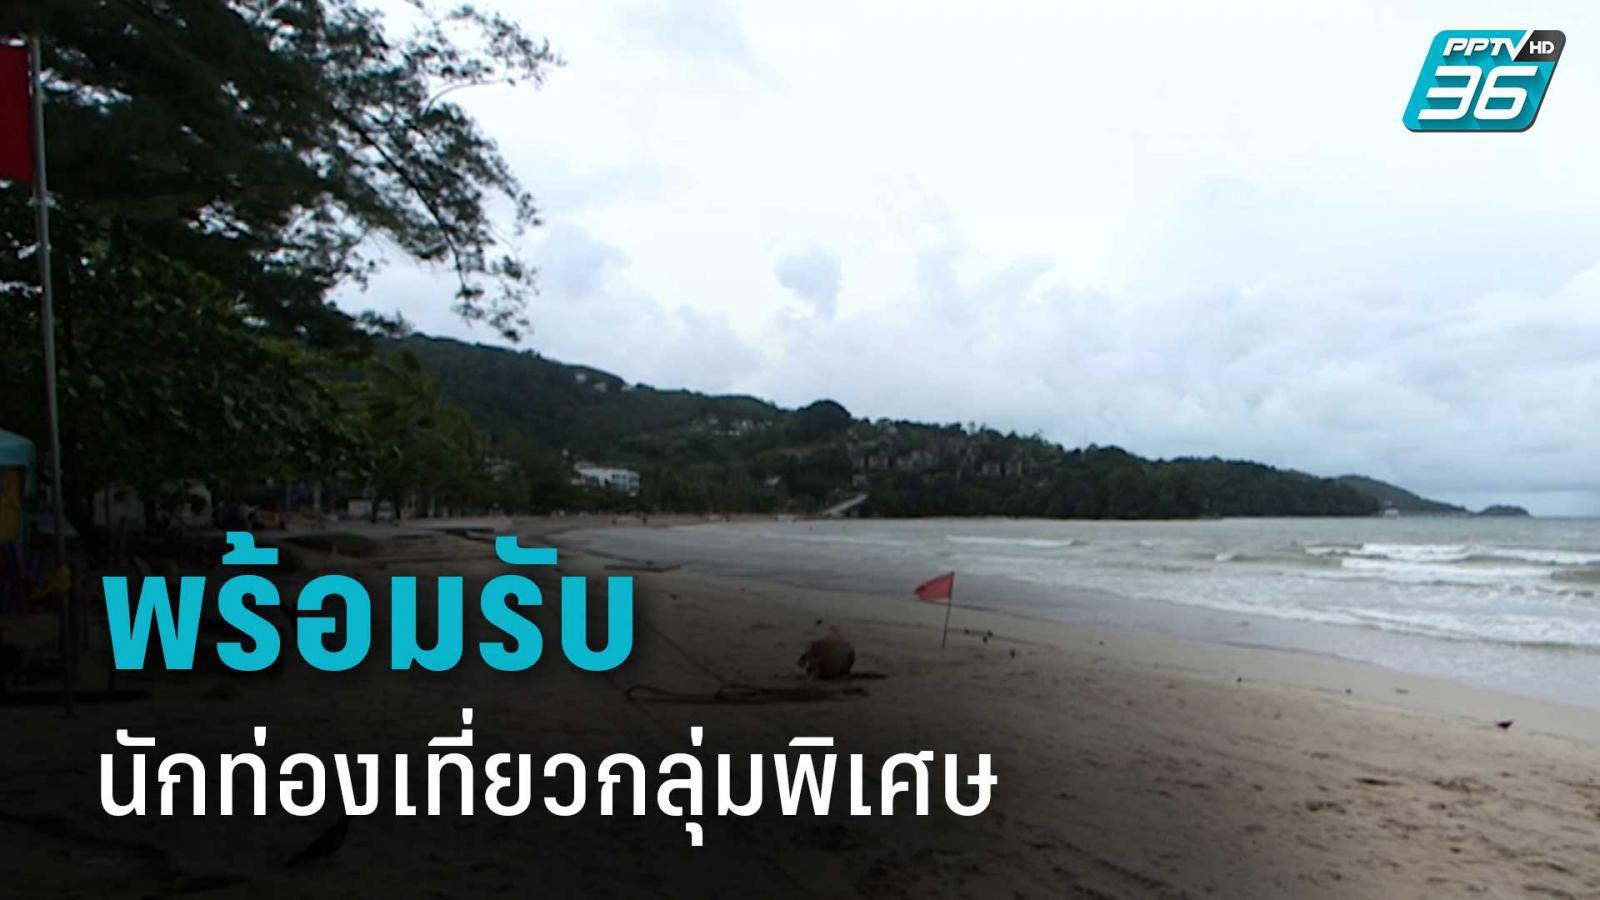 หาดป่าตอง พร้อมรับนักท่องเที่ยวต่างชาติกลุ่มพิเศษ